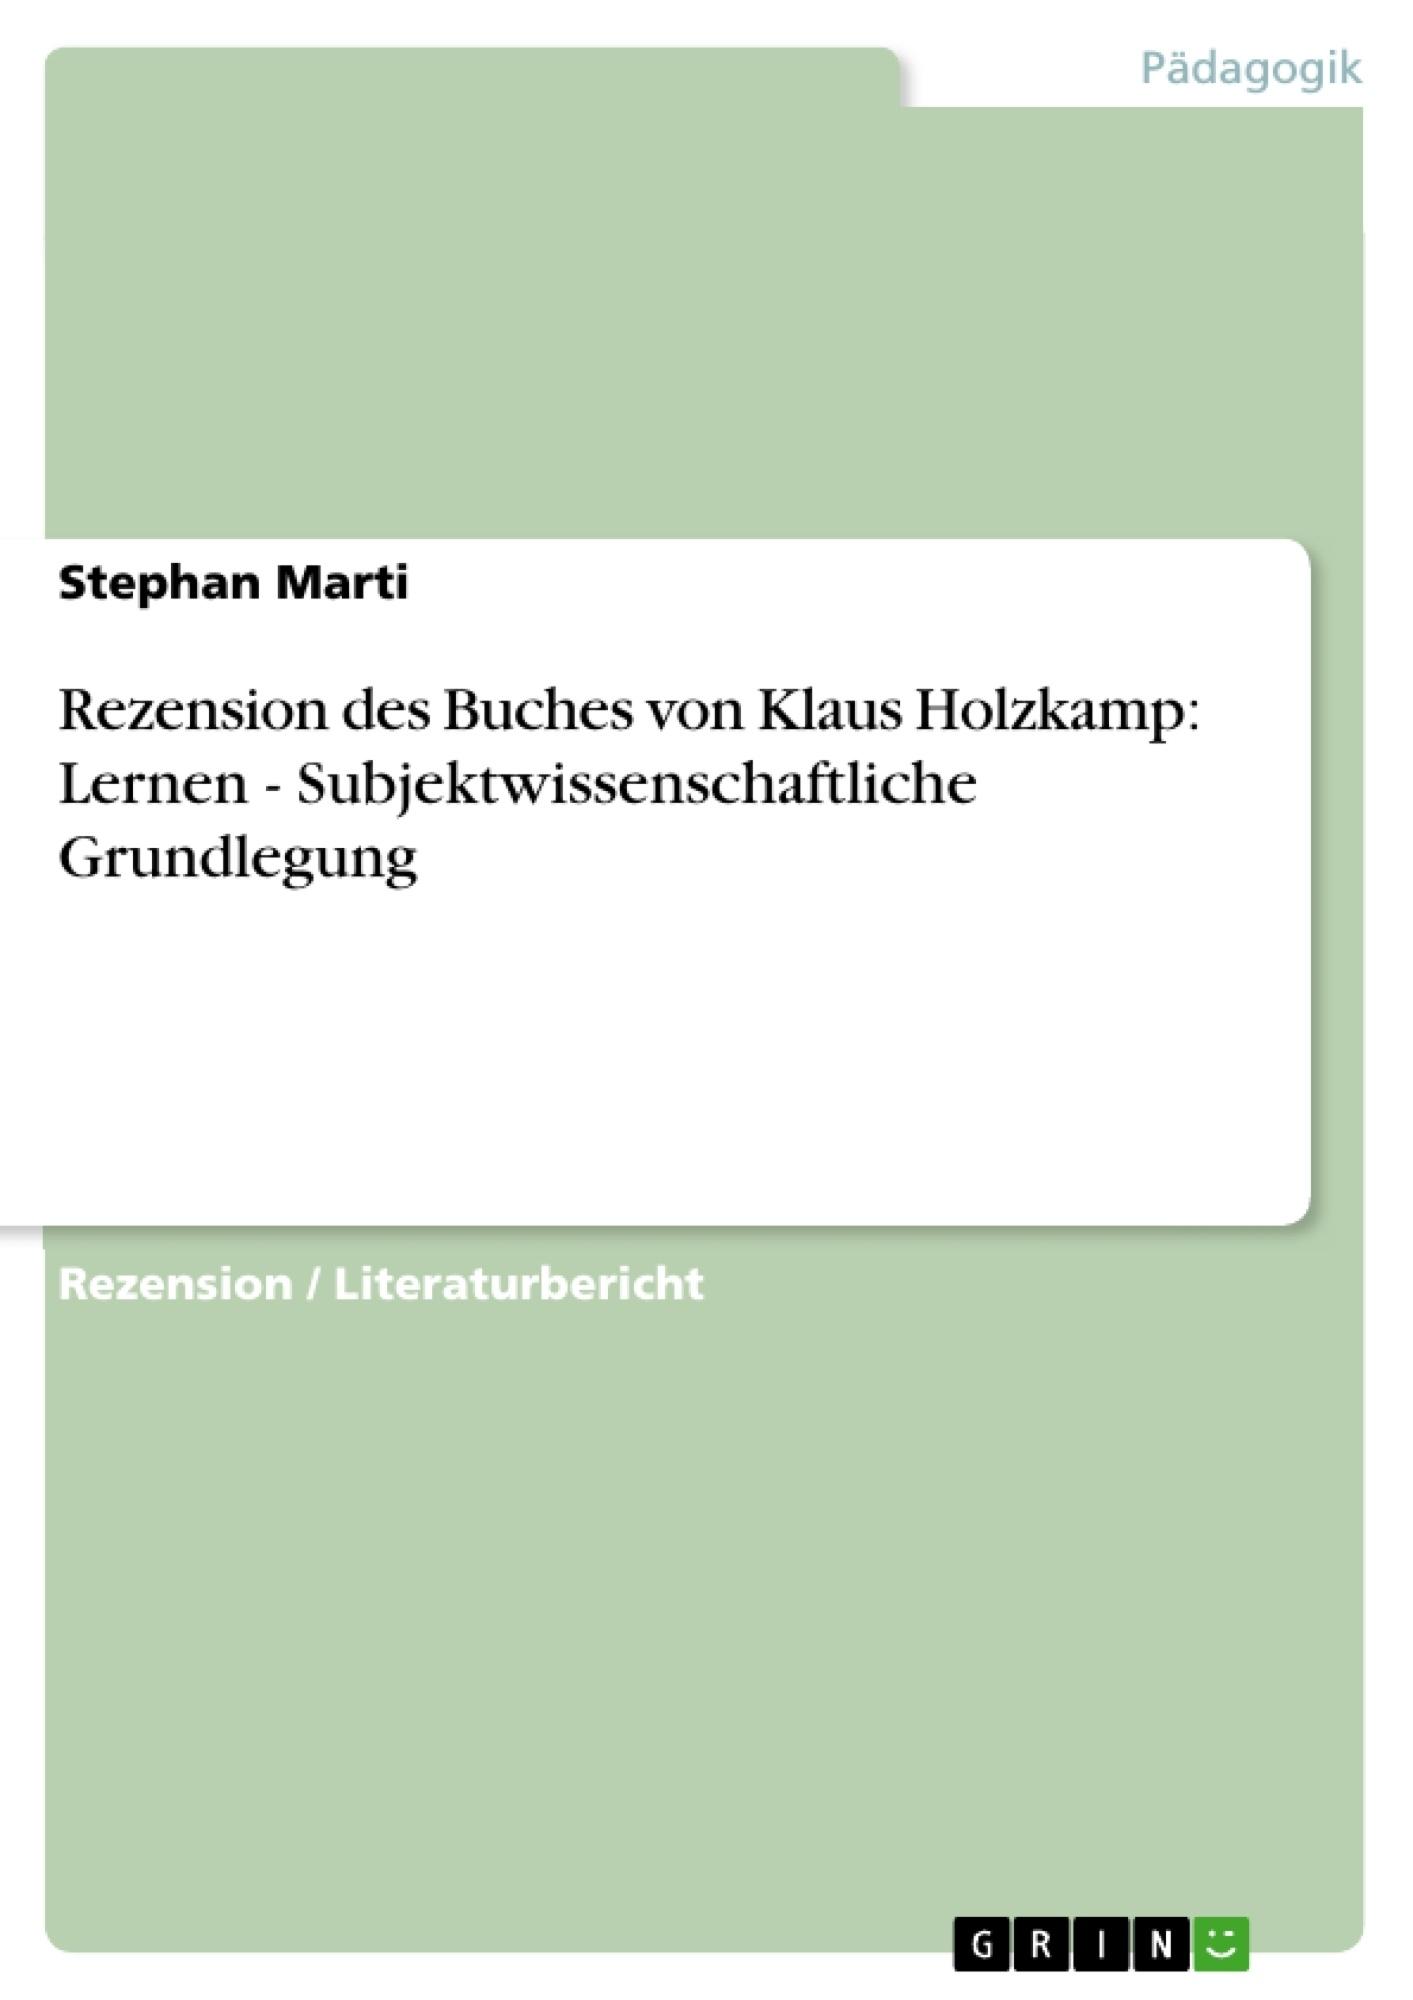 Titel: Rezension des Buches von Klaus Holzkamp: Lernen - Subjektwissenschaftliche Grundlegung